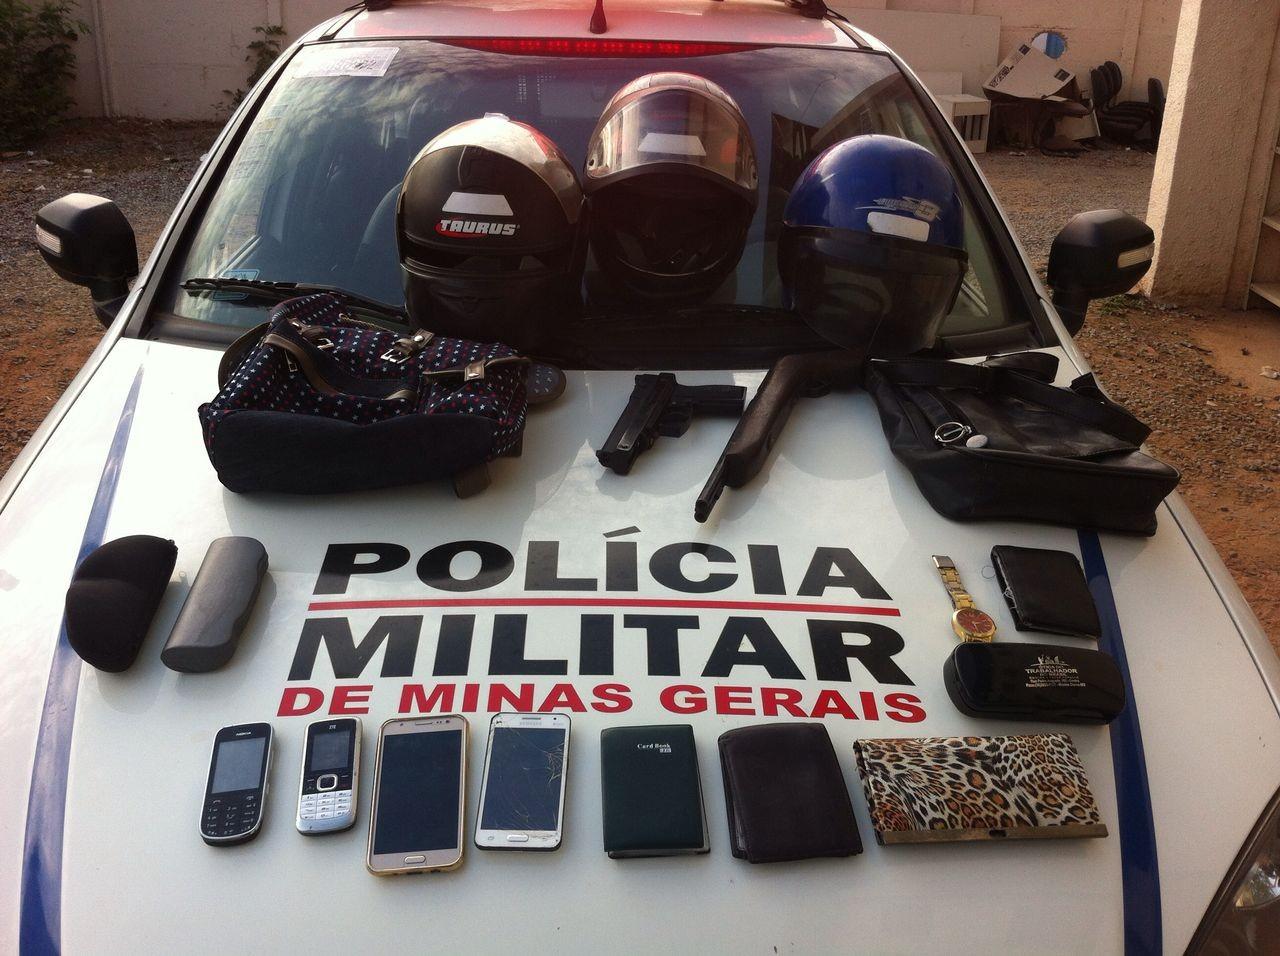 Adolescentes suspeitos de roubos são detidos com arma em Montes Claros